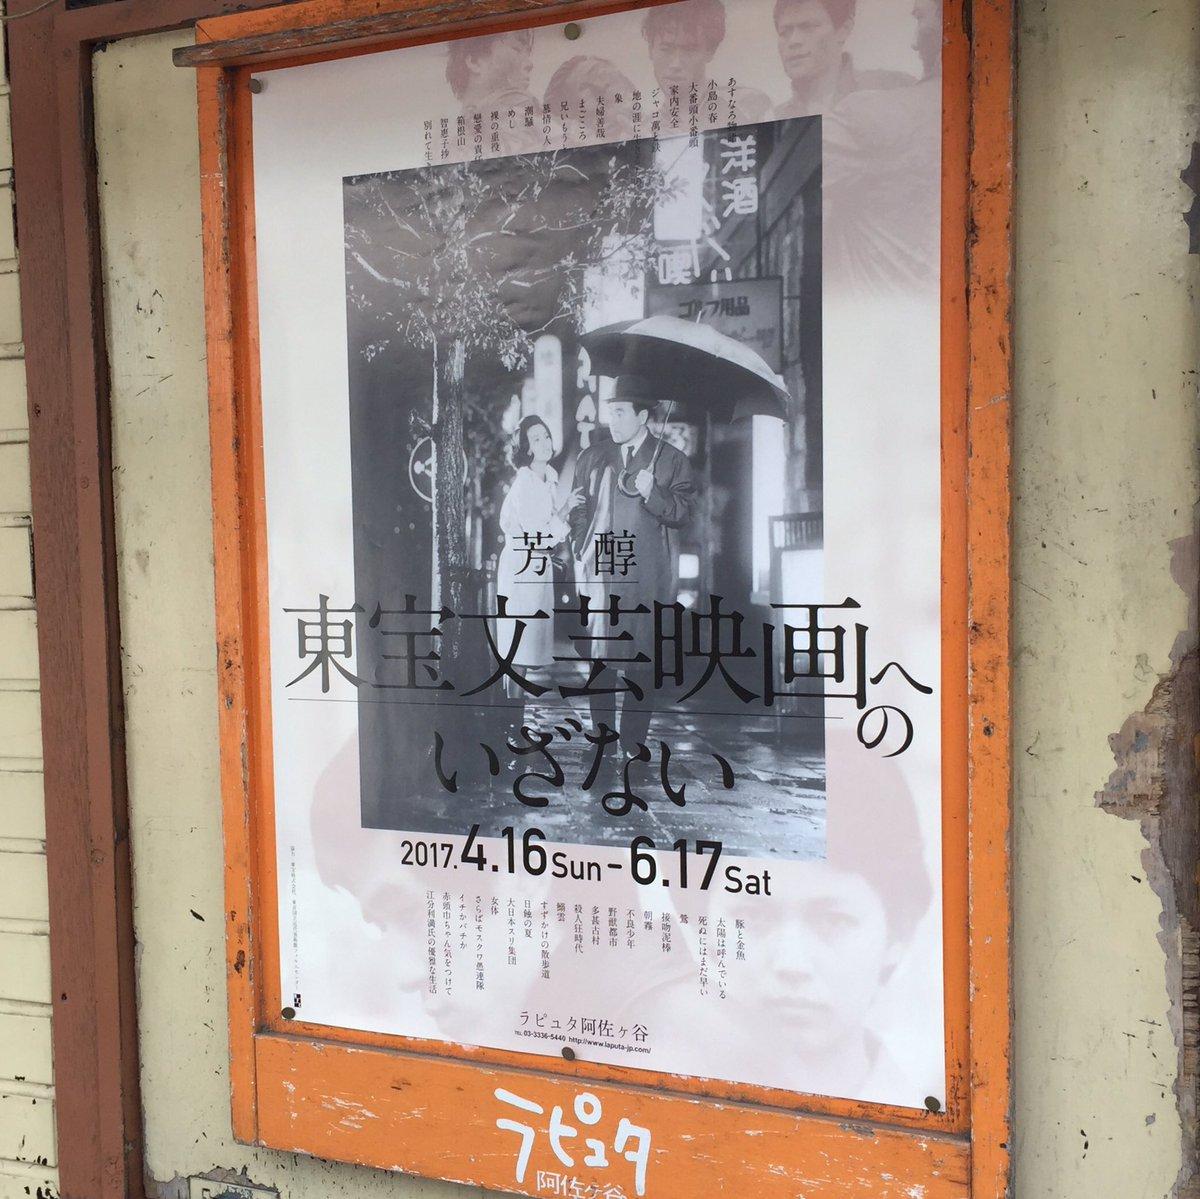 駅からラピュタ阿佐ヶ谷さんへ向かう短い道のりに、上映中のポスターが貼り出されていたり、チラシがぶら下がっていたりする場所